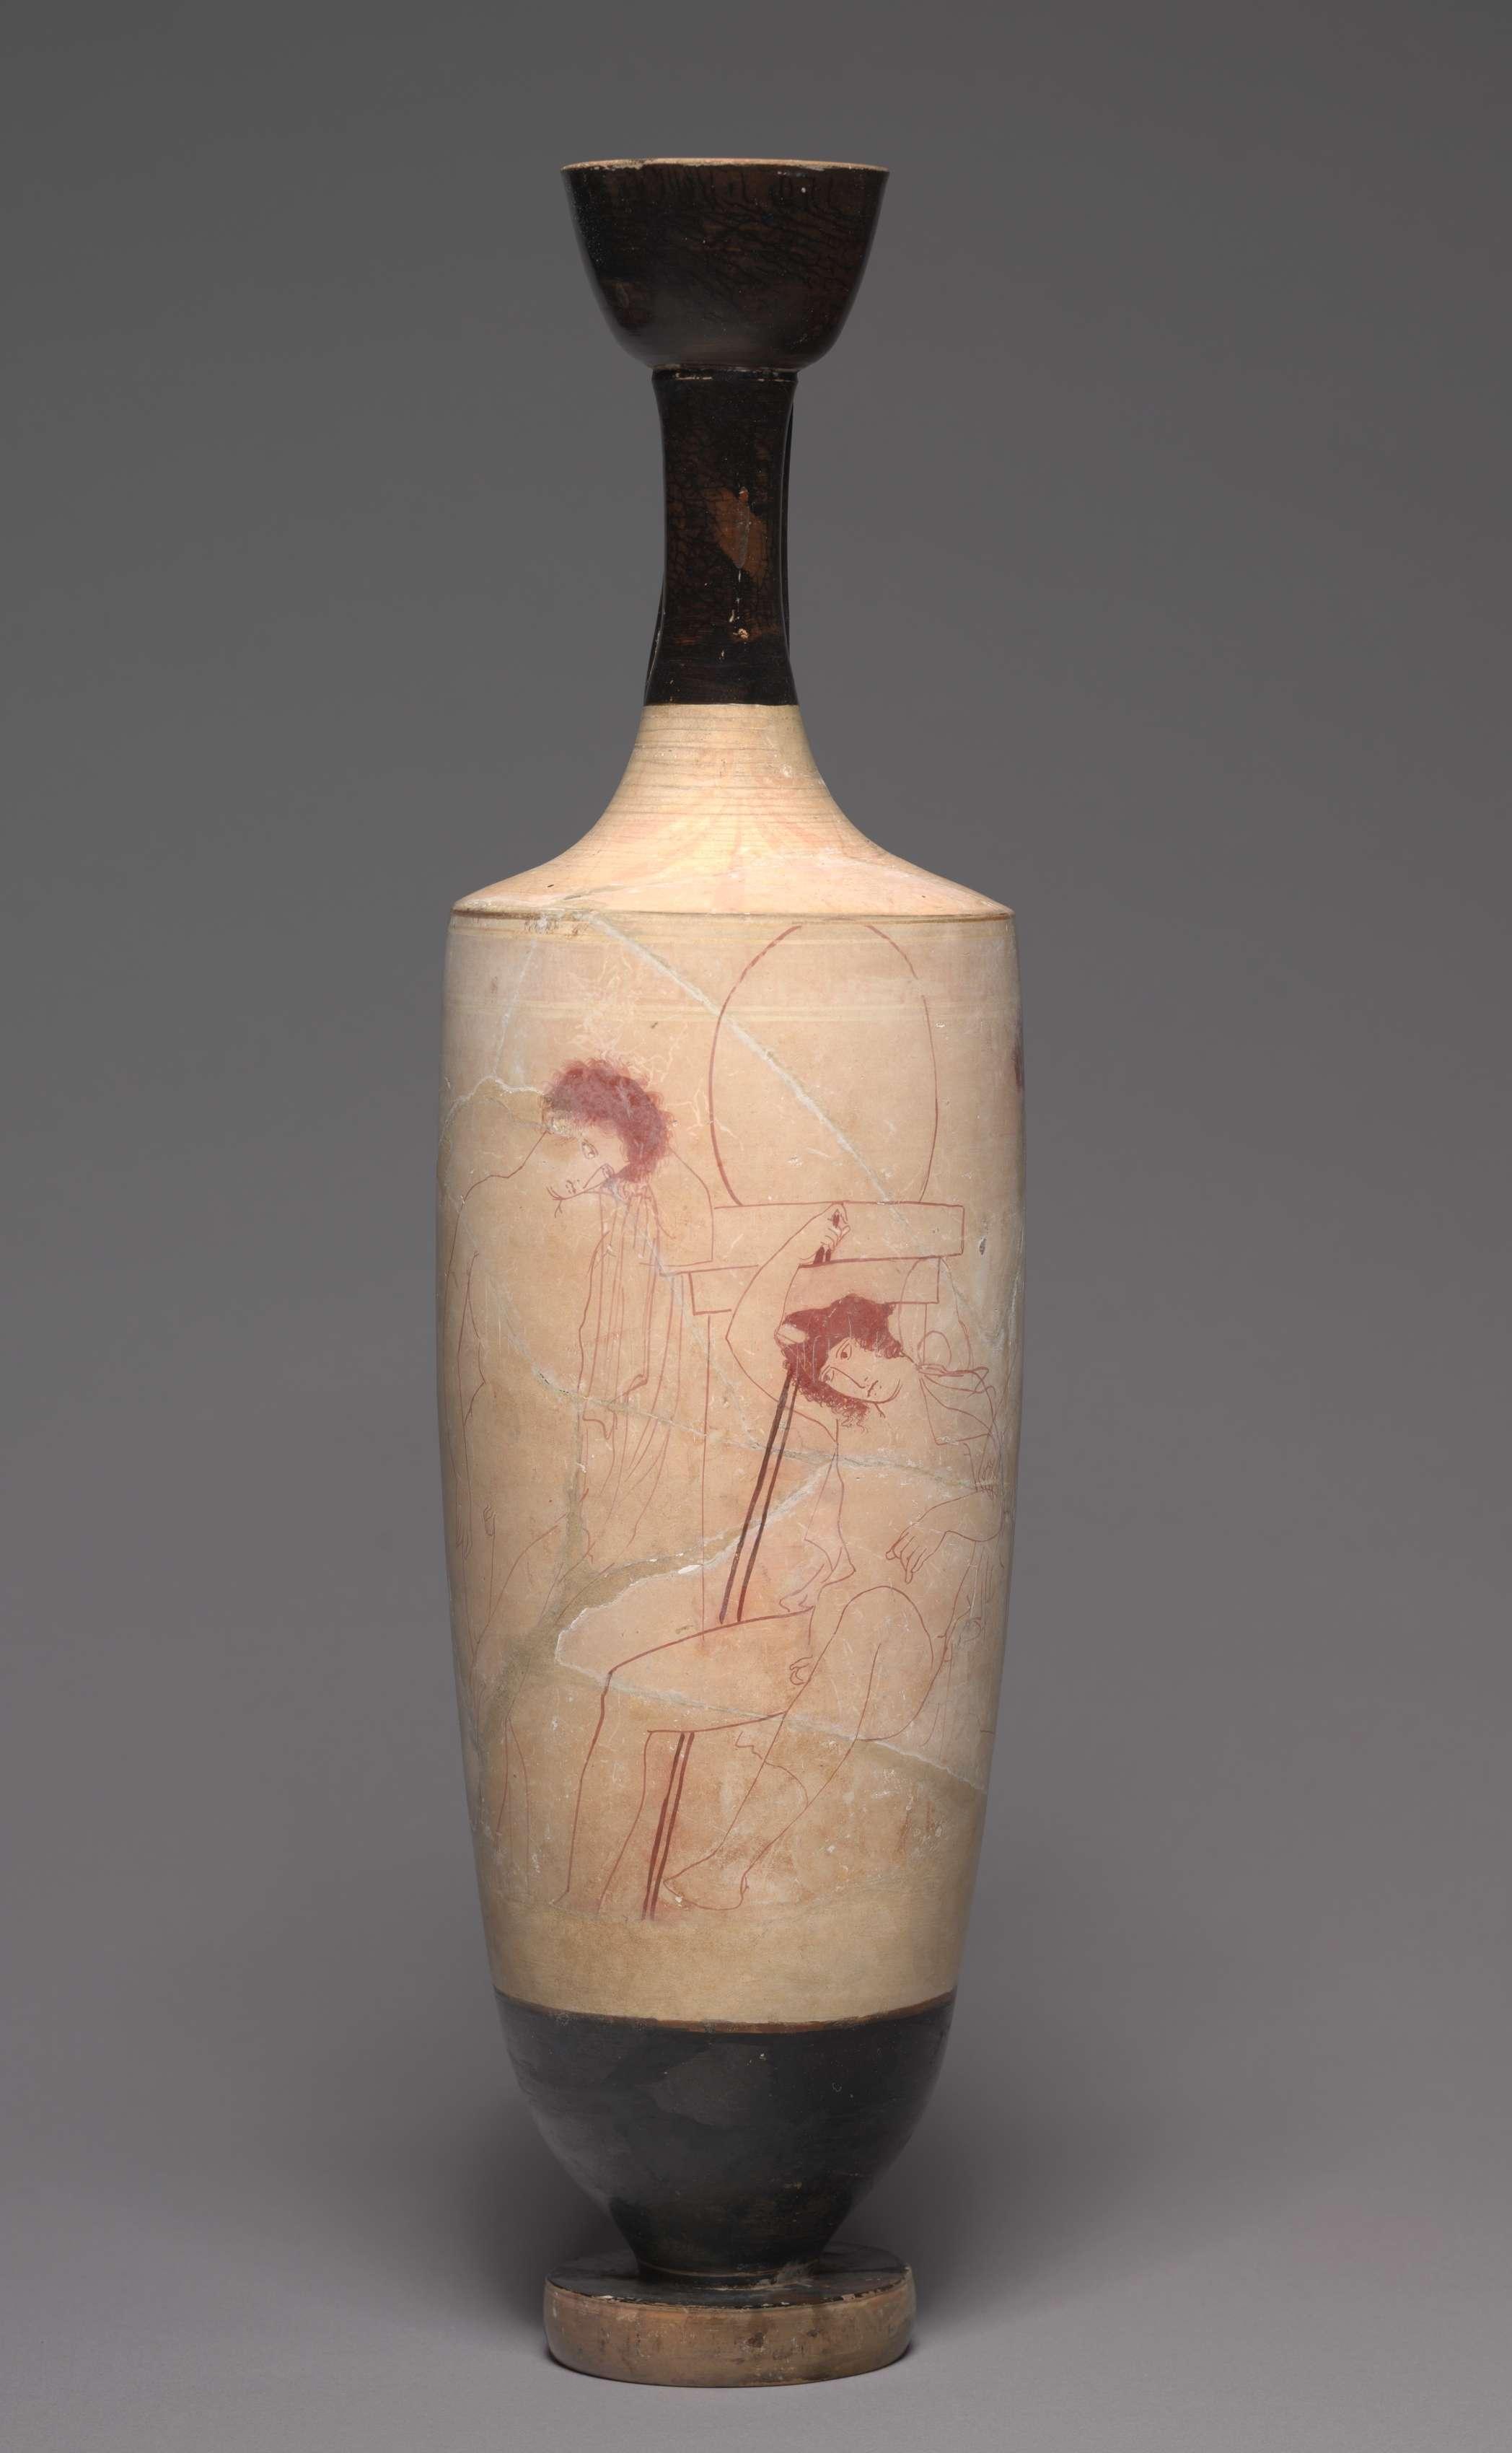 Λευκή λήκυθος. White-Ground Lekythos (Oil Vessel): Youths at Tomb. c. 420 BC. Μουσείο Τέχνης του Κλίβελαντ.